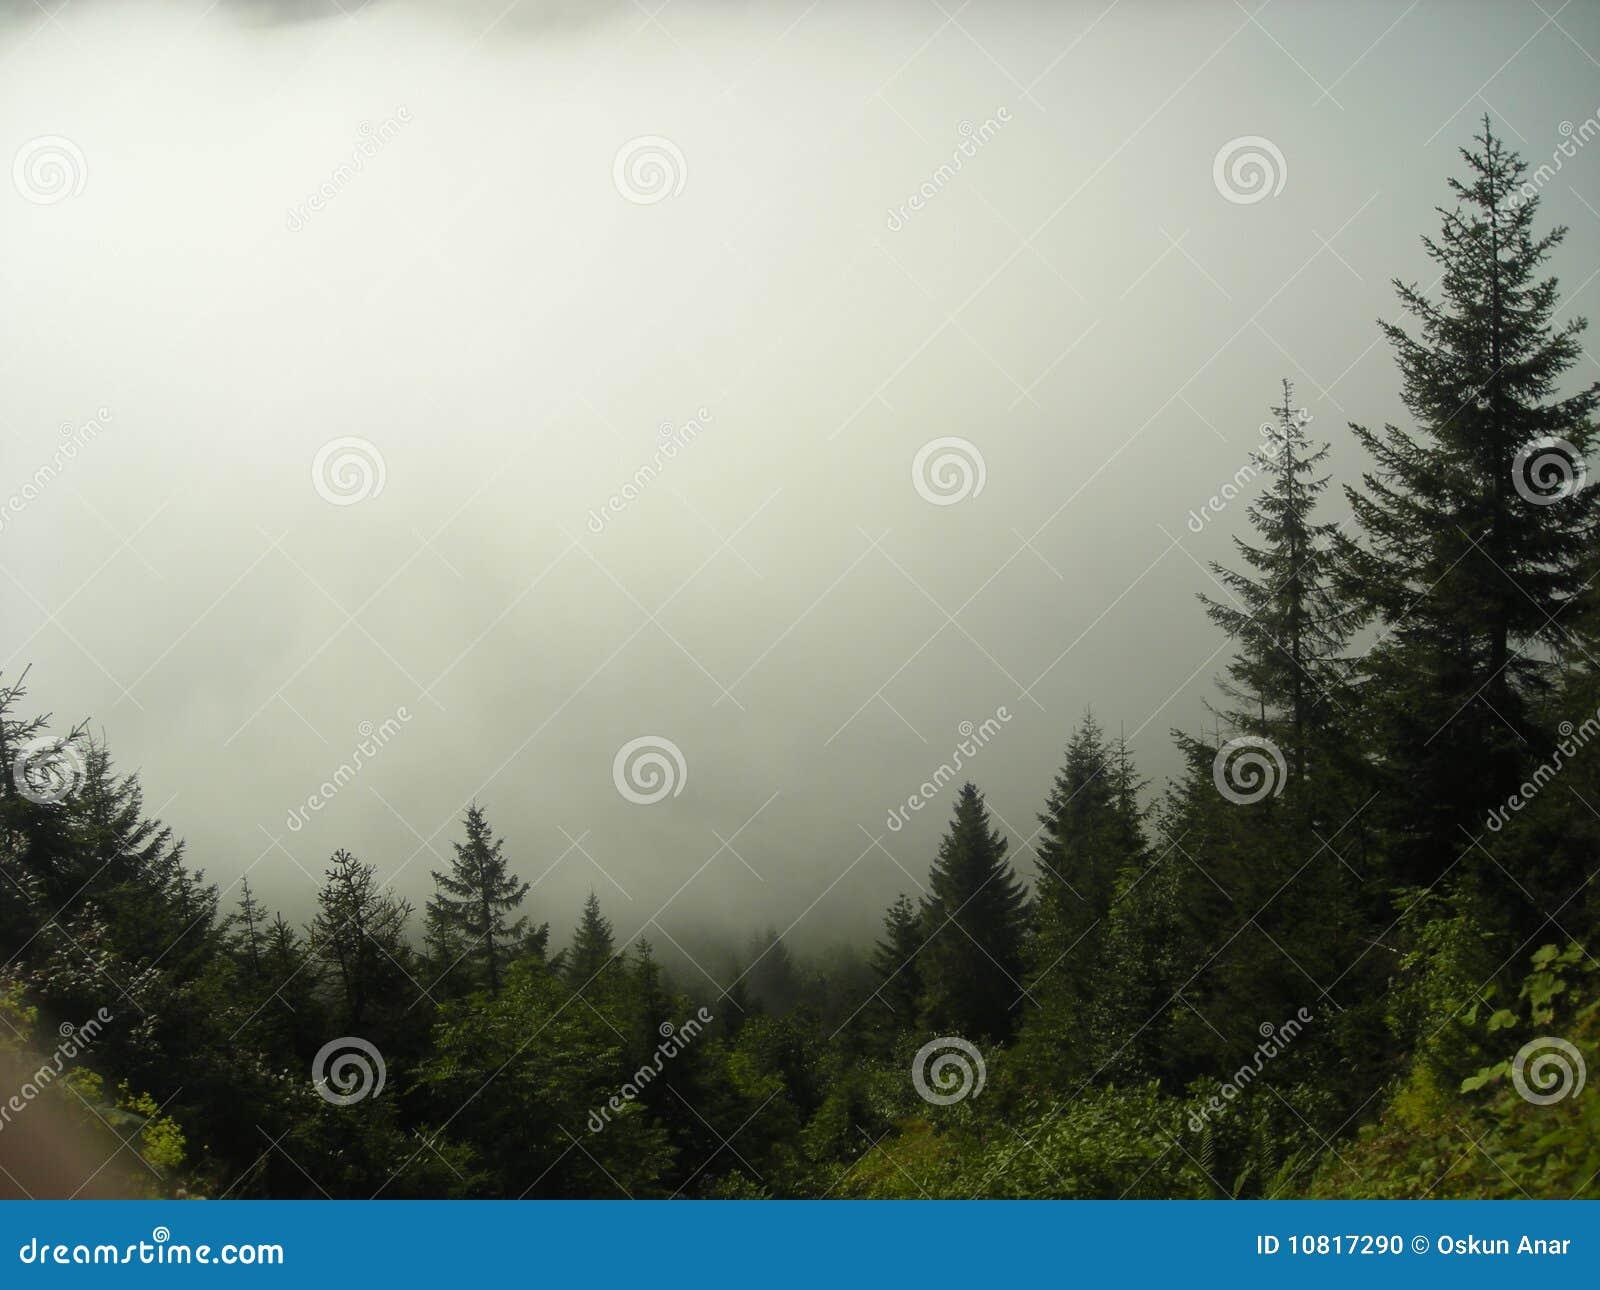 Kackar góra